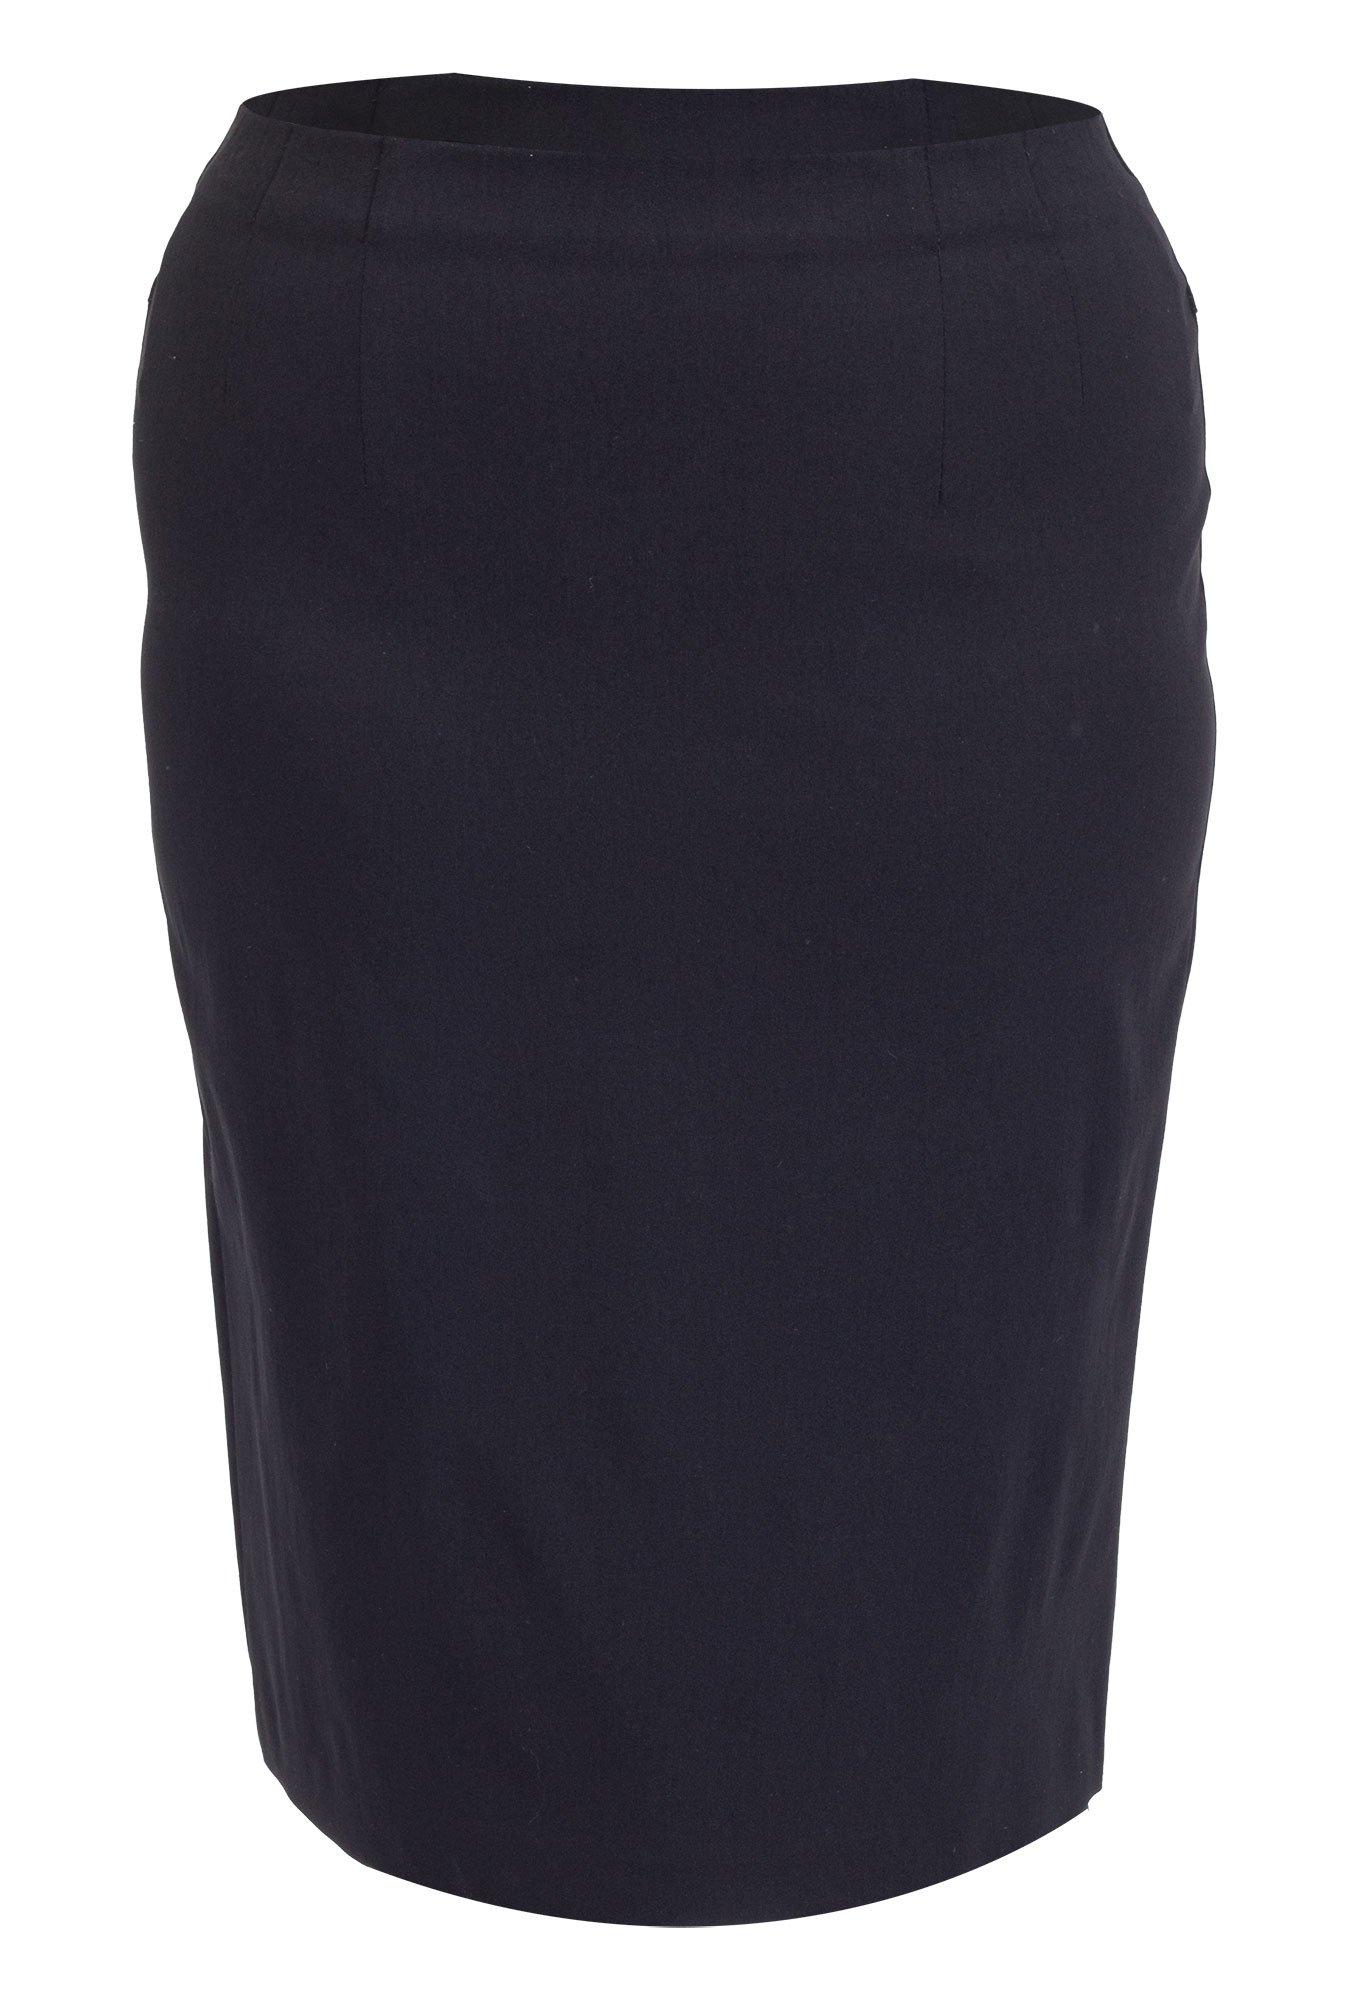 Klassisk sort nederdel i store størrelser